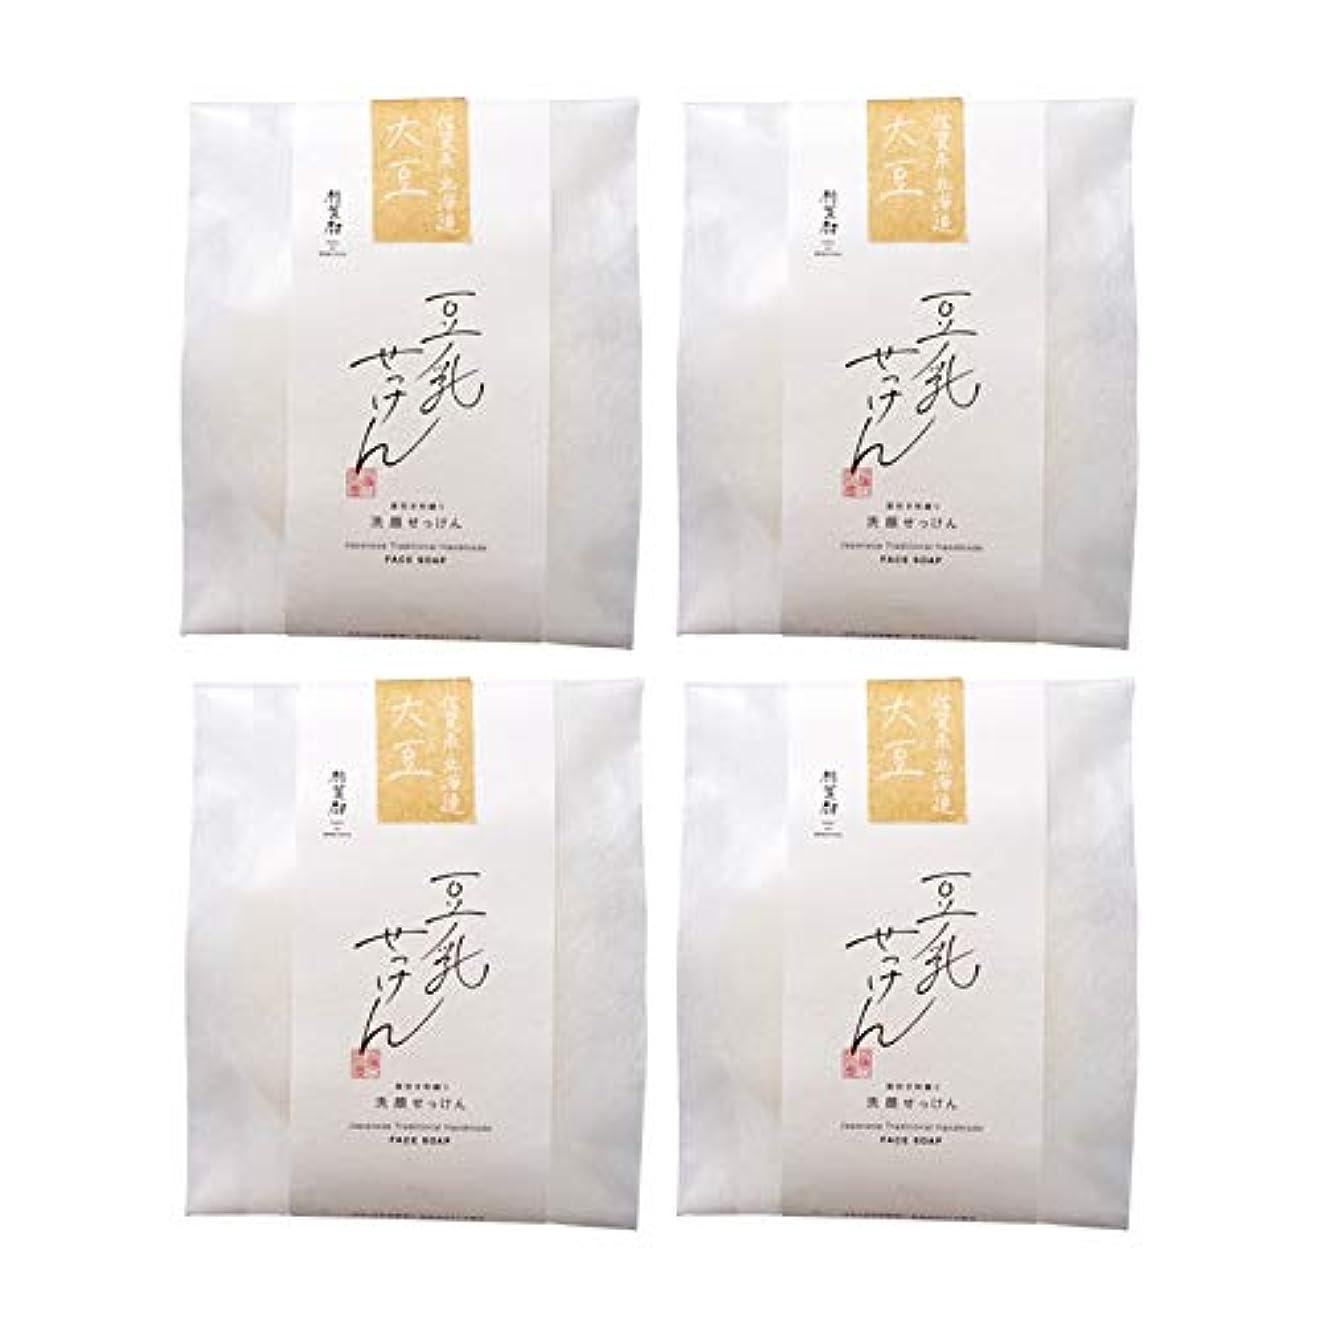 計り知れない麺名目上の豆腐の盛田屋 豆乳せっけん 自然生活 100g×4個セット